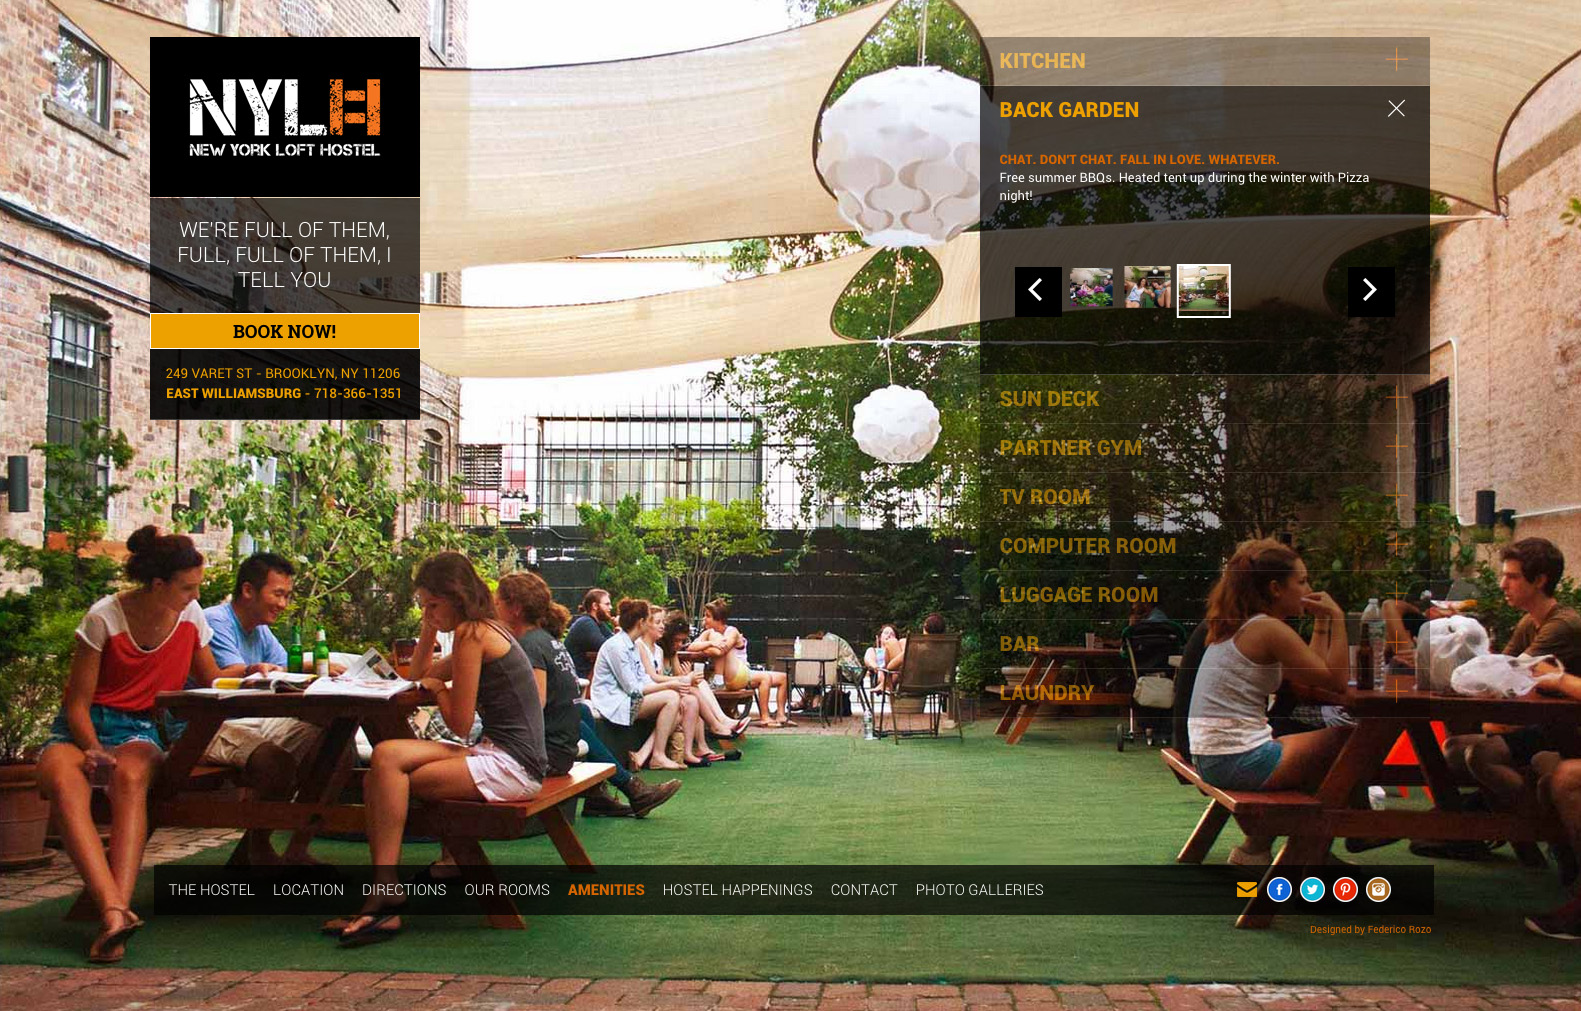 new york loft hostel website